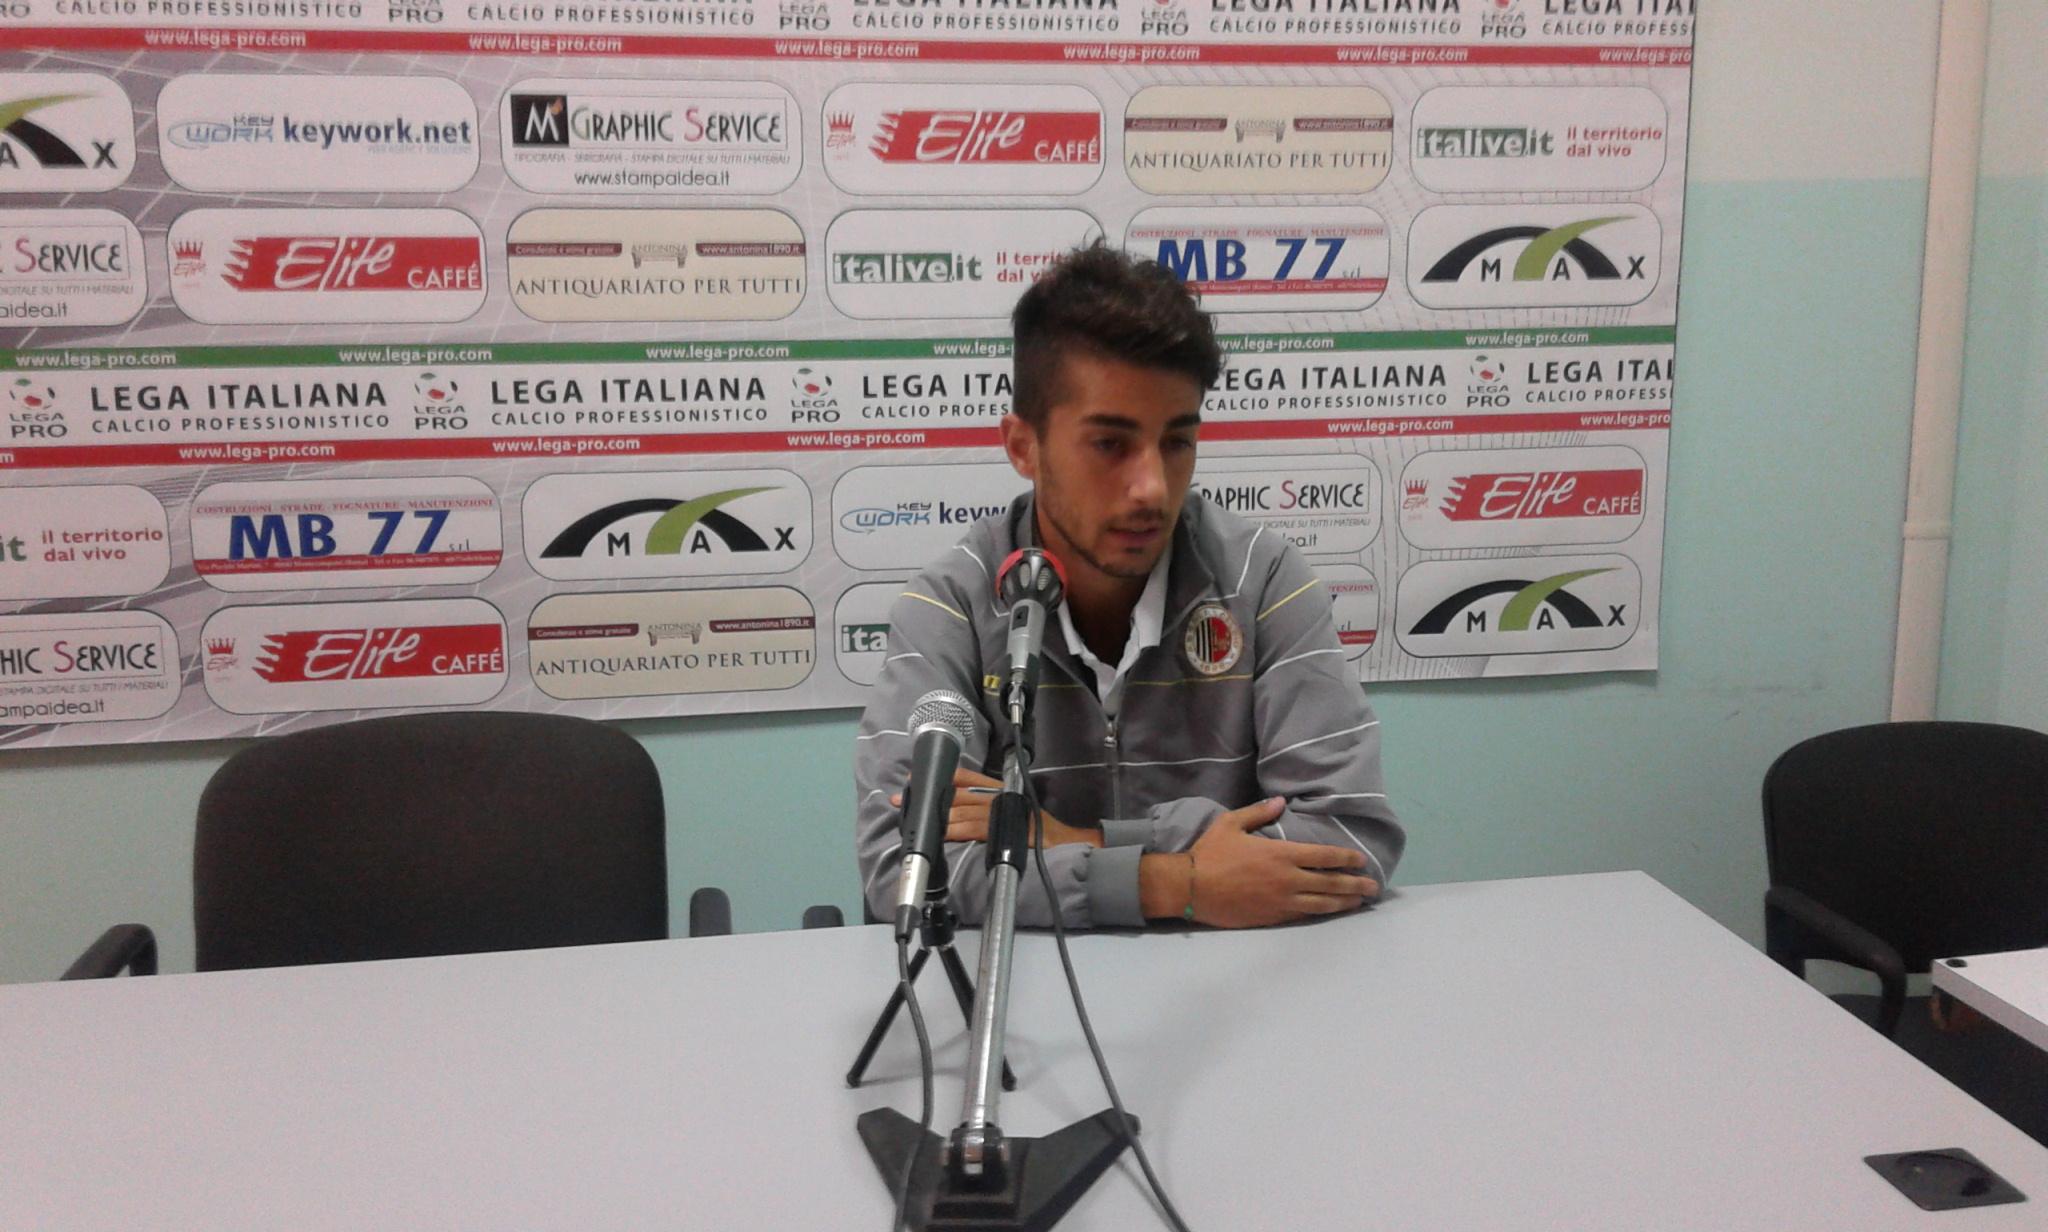 Andrea Scicchitano, centrocampista, 21 anni